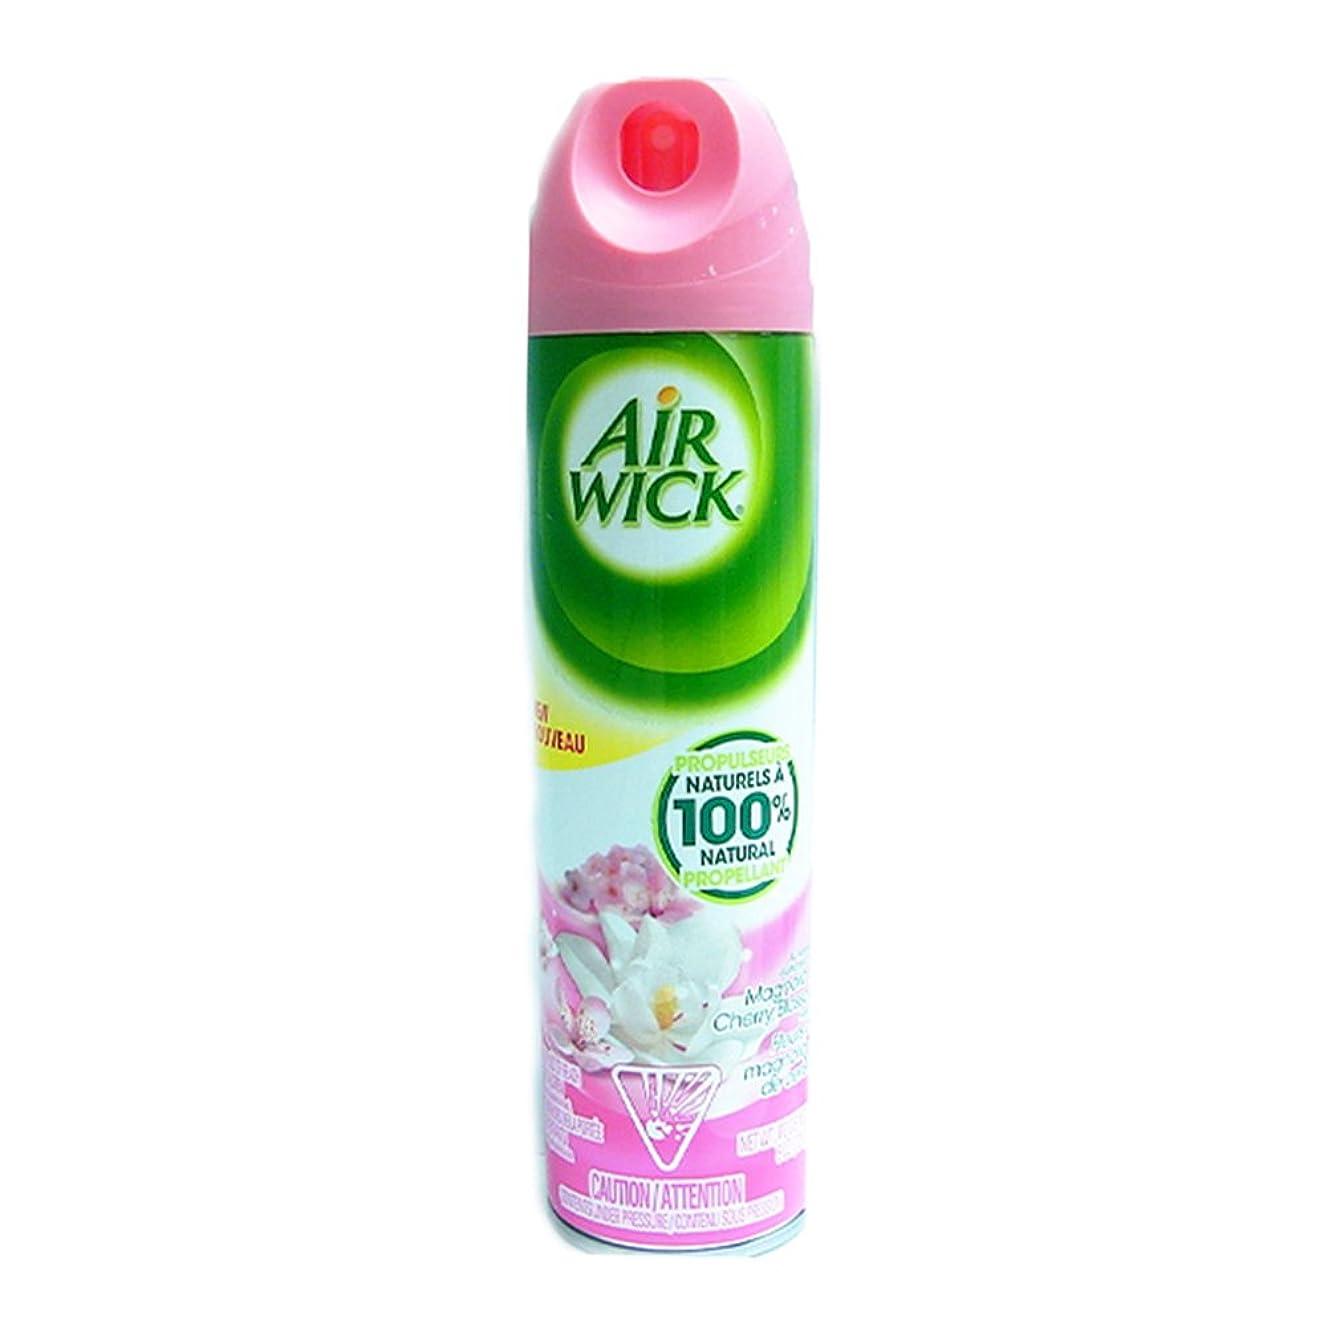 引退するチャット買い物に行くAir Wick Air Freshener 4?in 1?Magnolia and Cherry Blossom (226g) 8778976